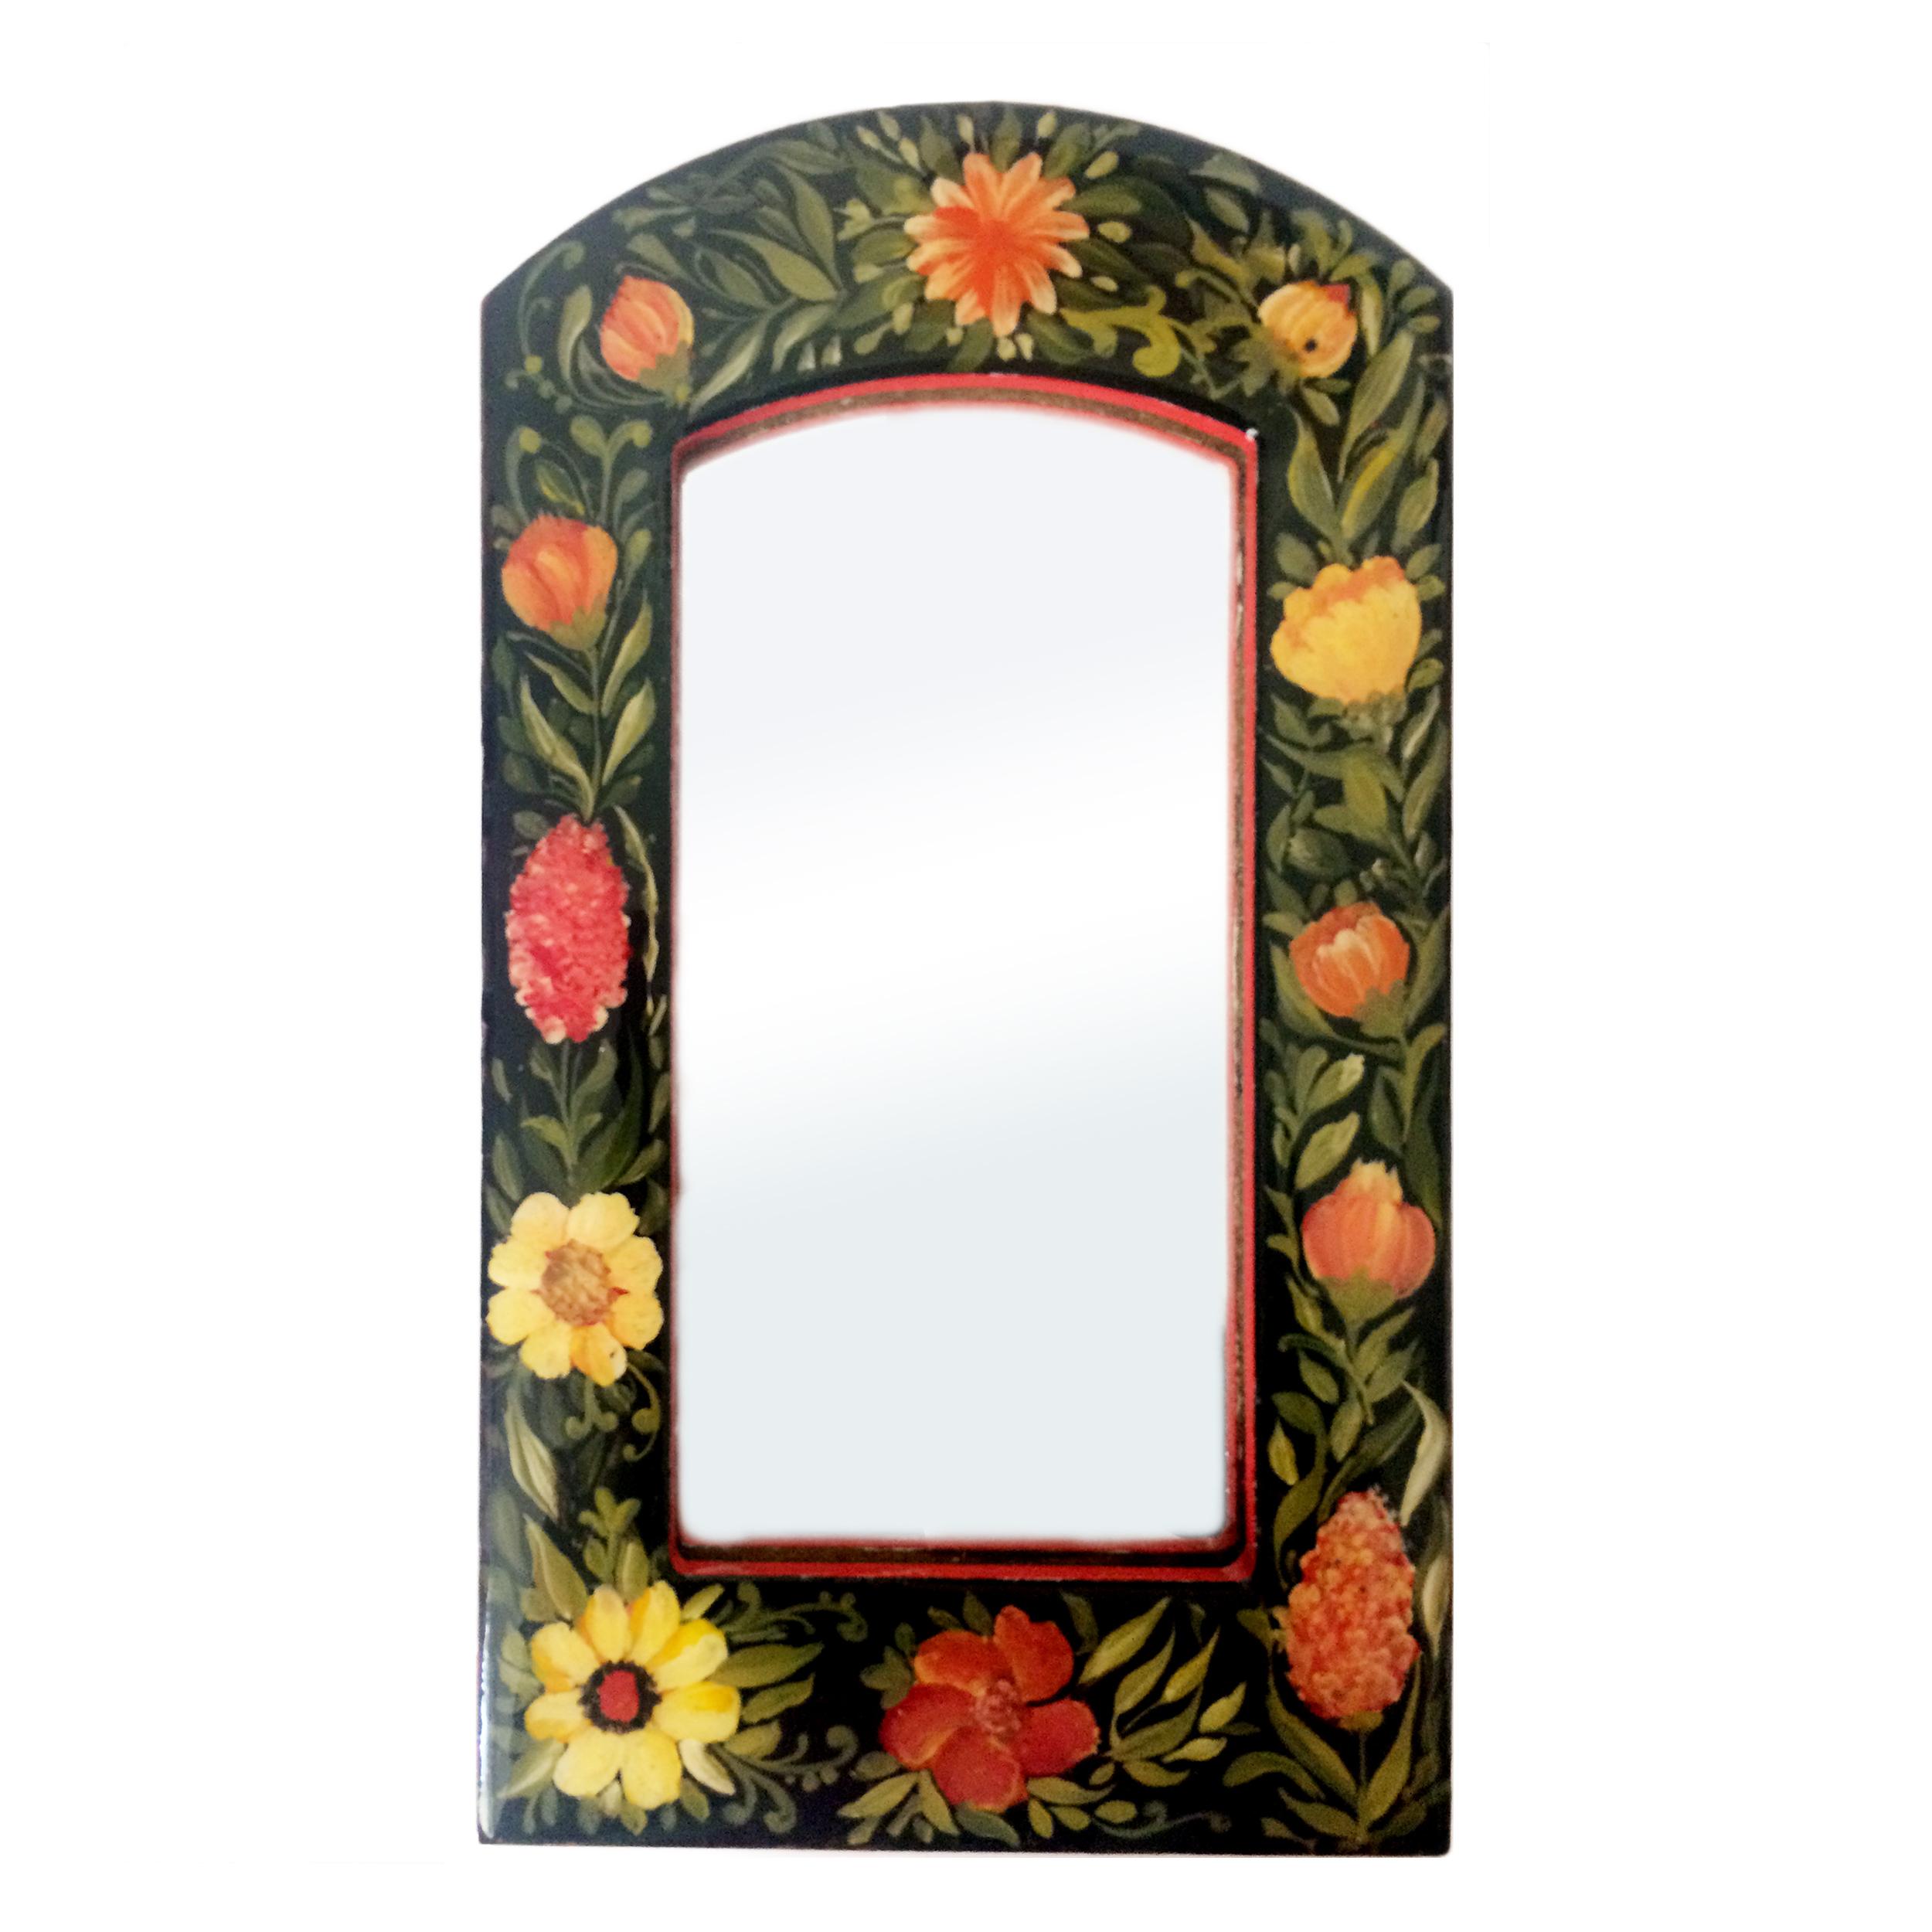 آینه مدل گل و مرغ کد 004